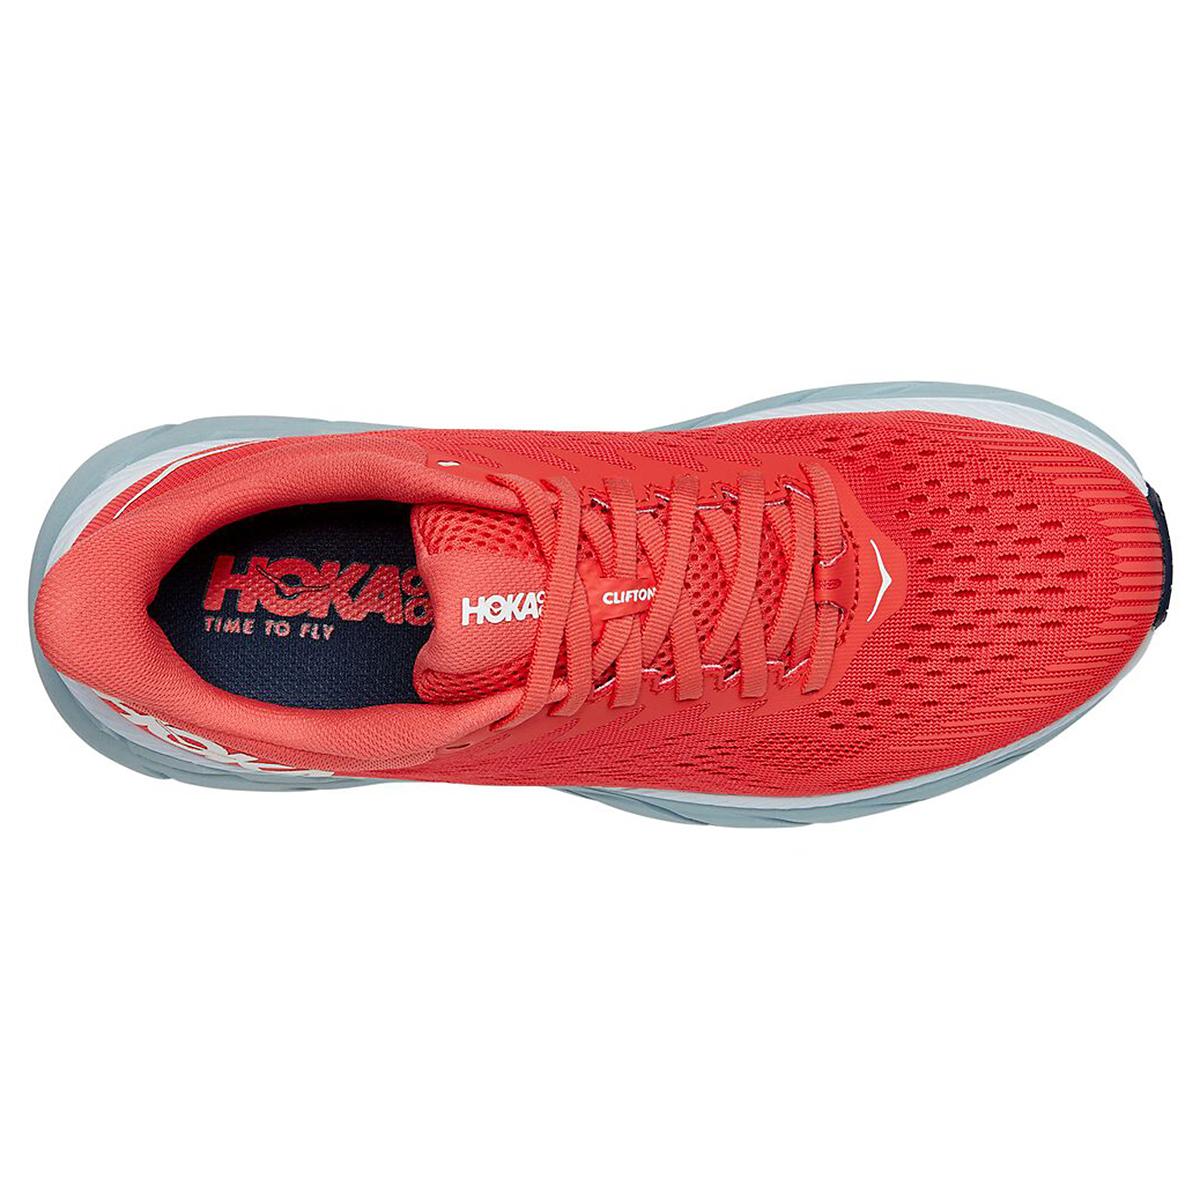 Women's Hoka One One Clifton 7 Running Shoe, , large, image 3